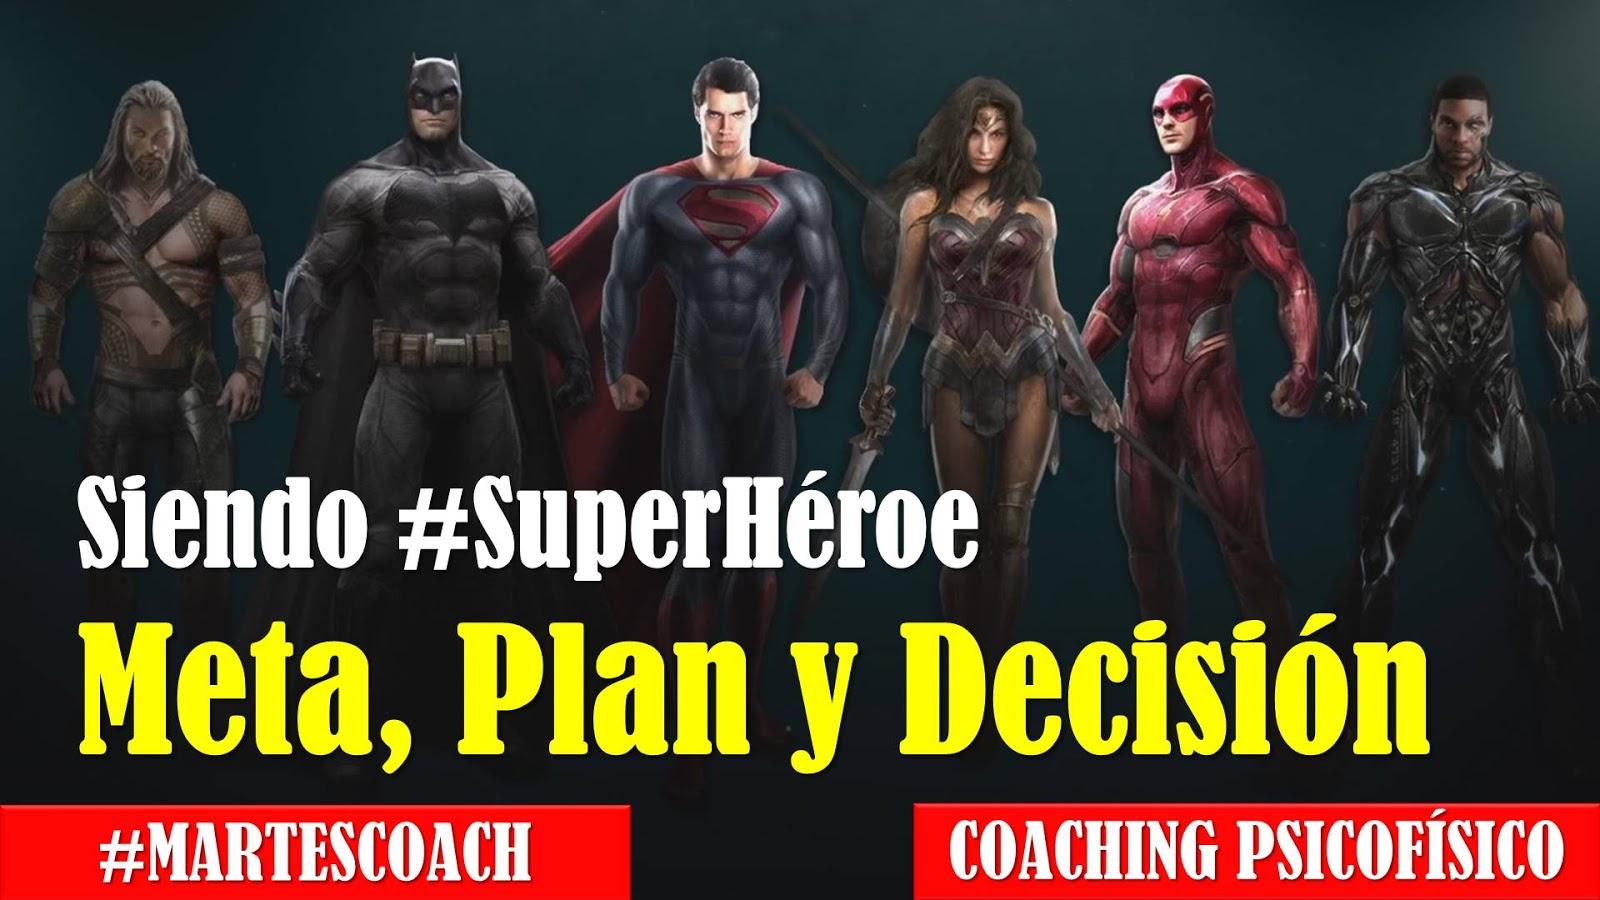 Siendo #Superheroe v9 Meta, Plan y Decisión #MartesCoach